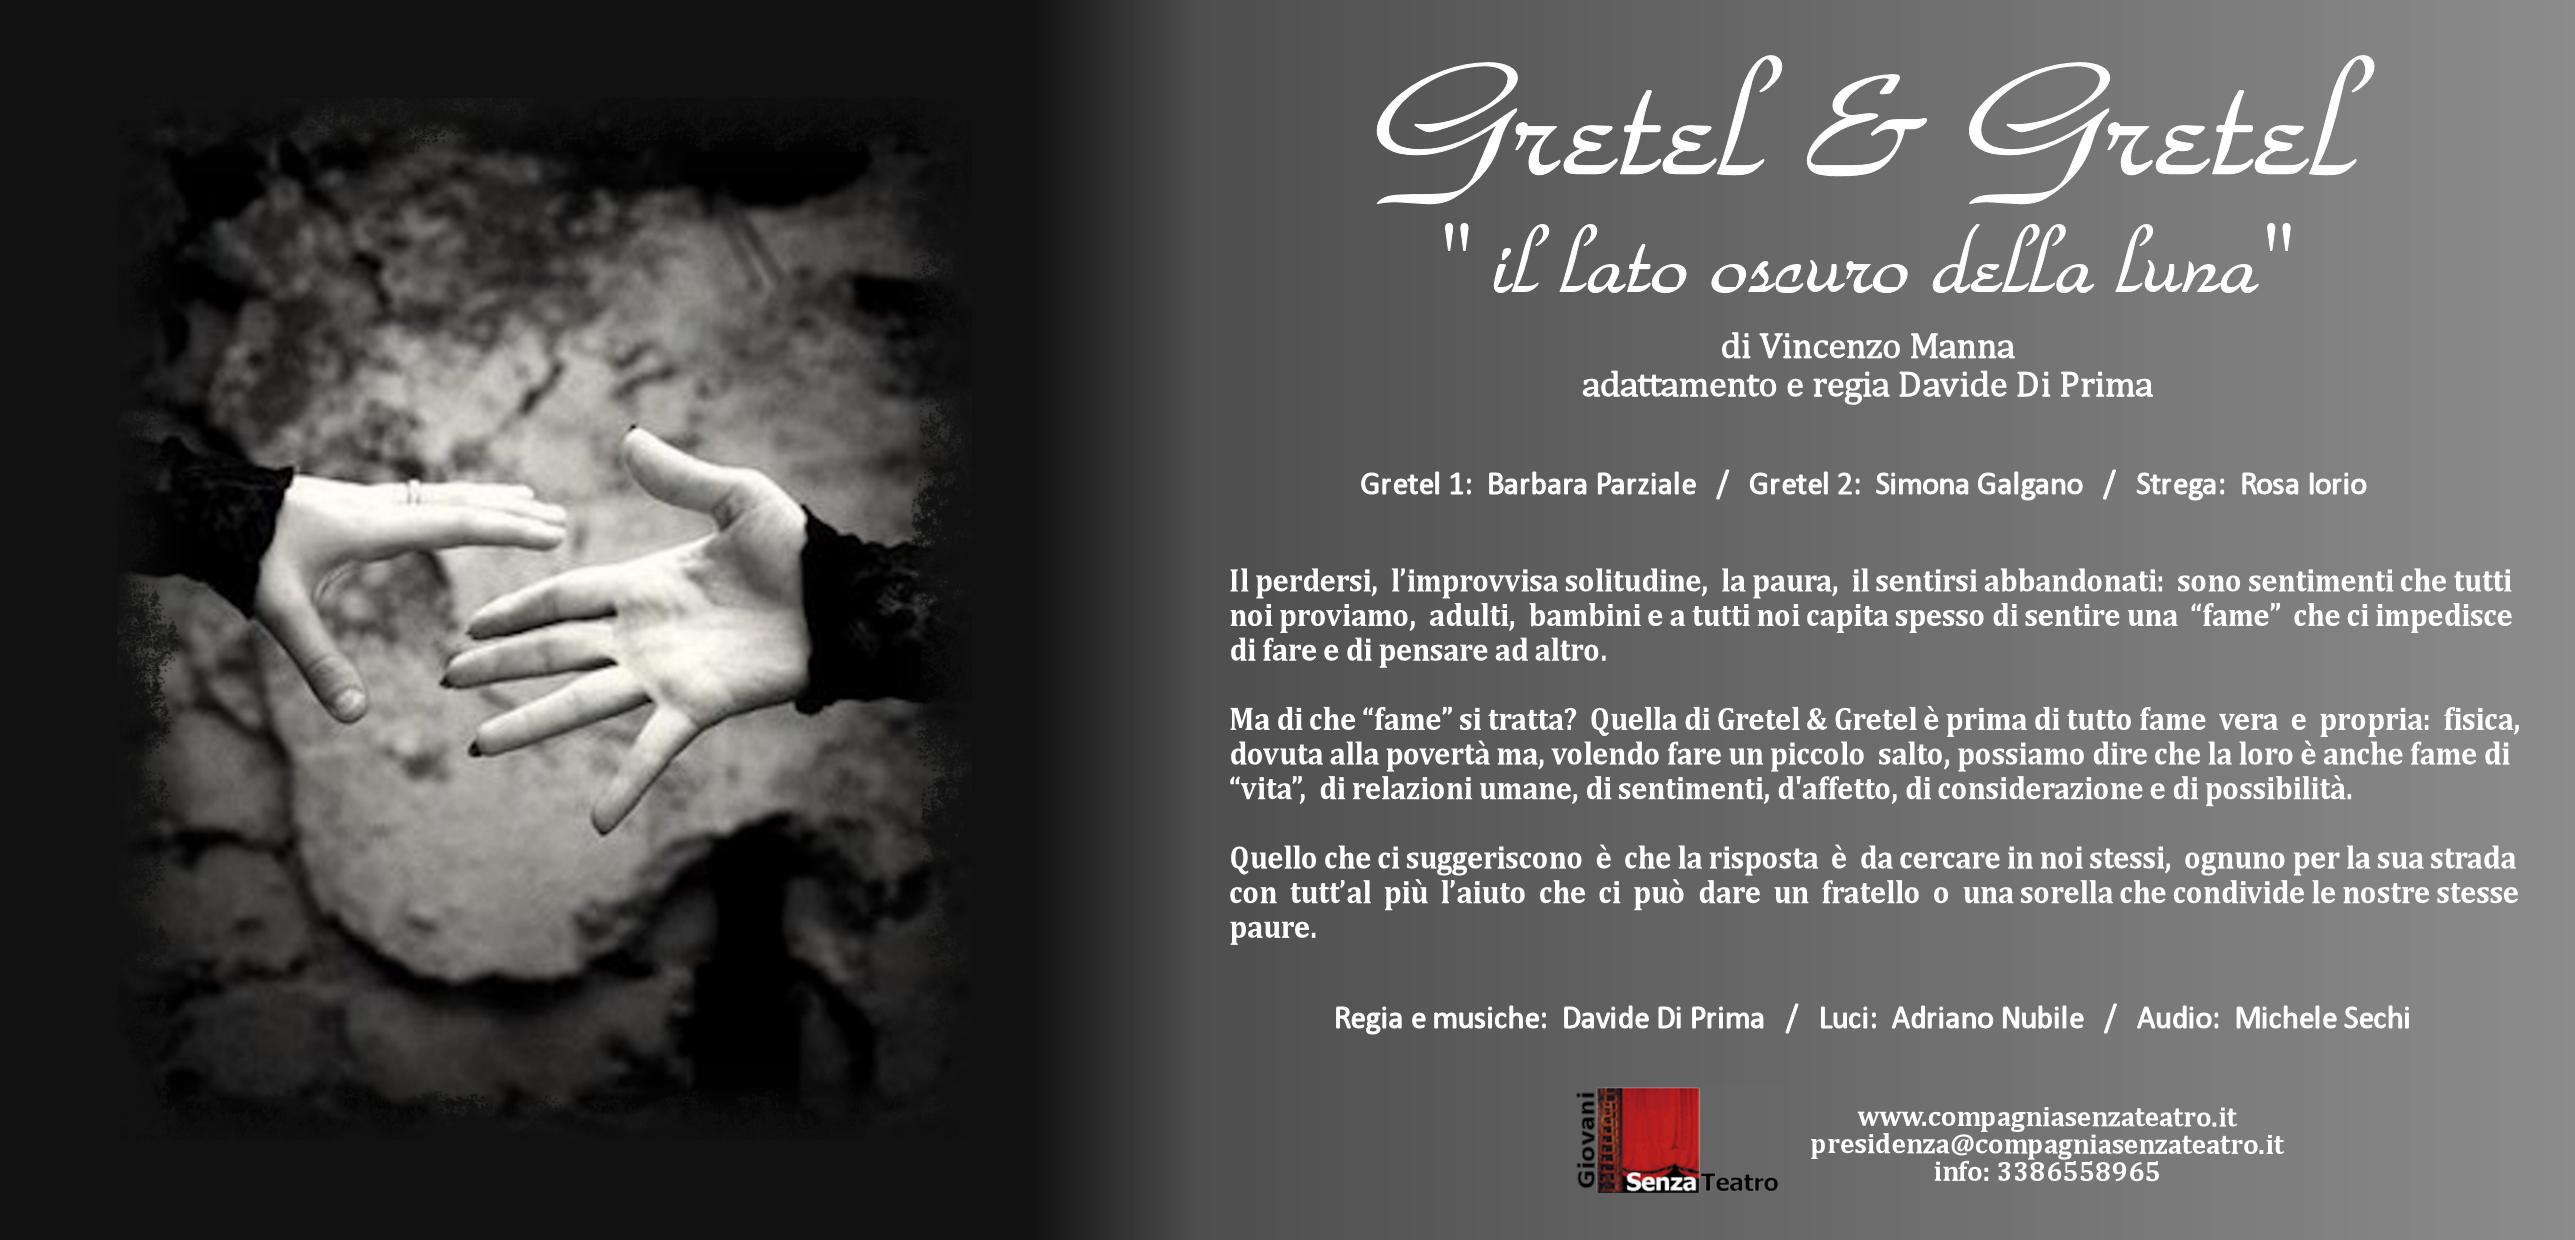 Gretel & Gretel 30 Marzo 2019 Ritagliatti Matera